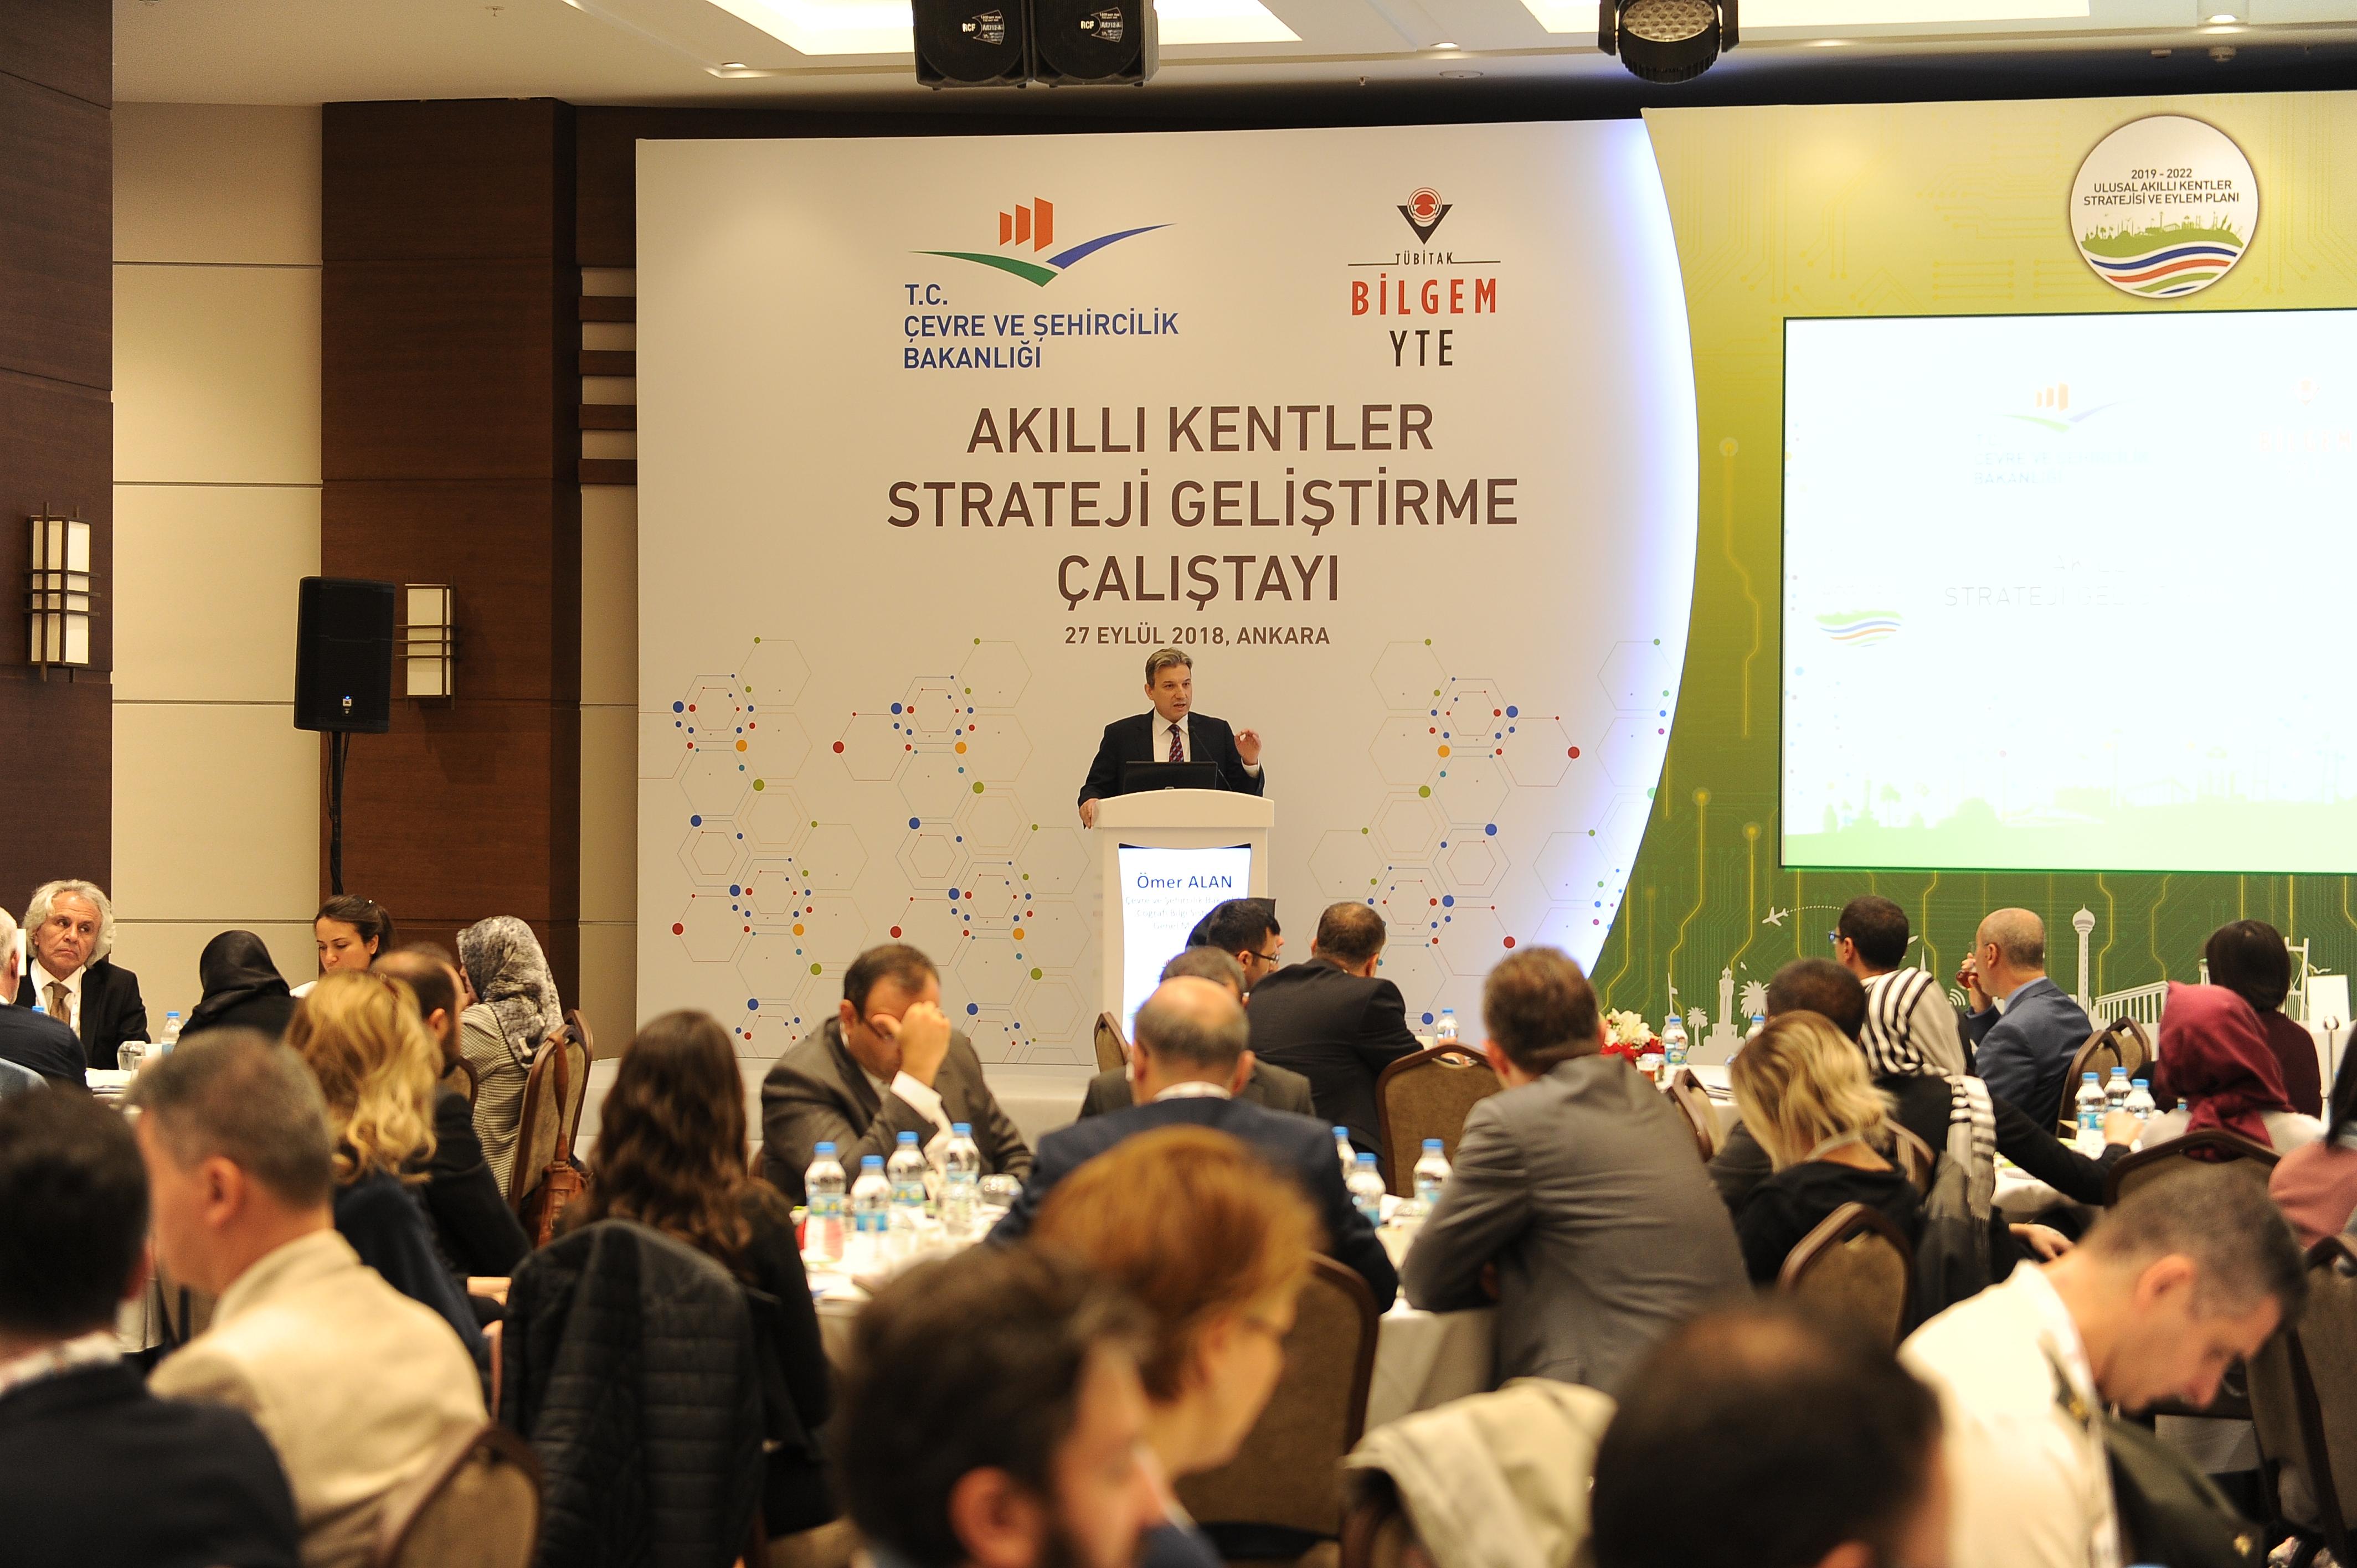 Akılı Kent Stratejisi ve Eylem Planı Projesi Strateji Geliştirme Çalıştayı Yapıldı.